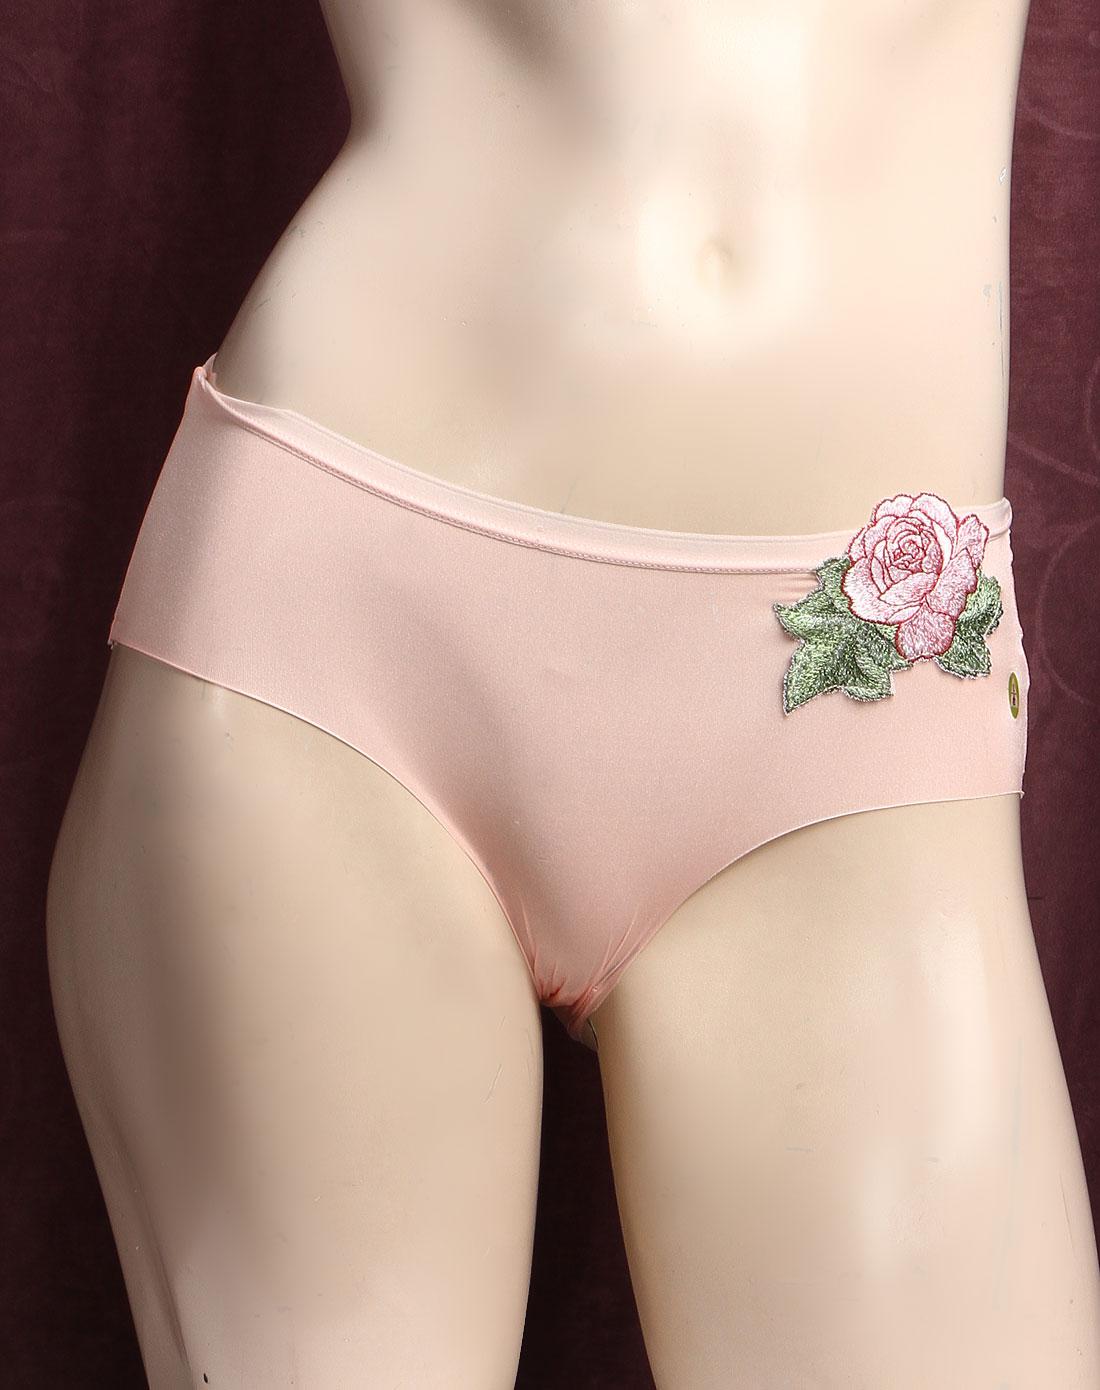 依蕾斯yileisi内衣专场粉色玫瑰花纹三角内裤66008